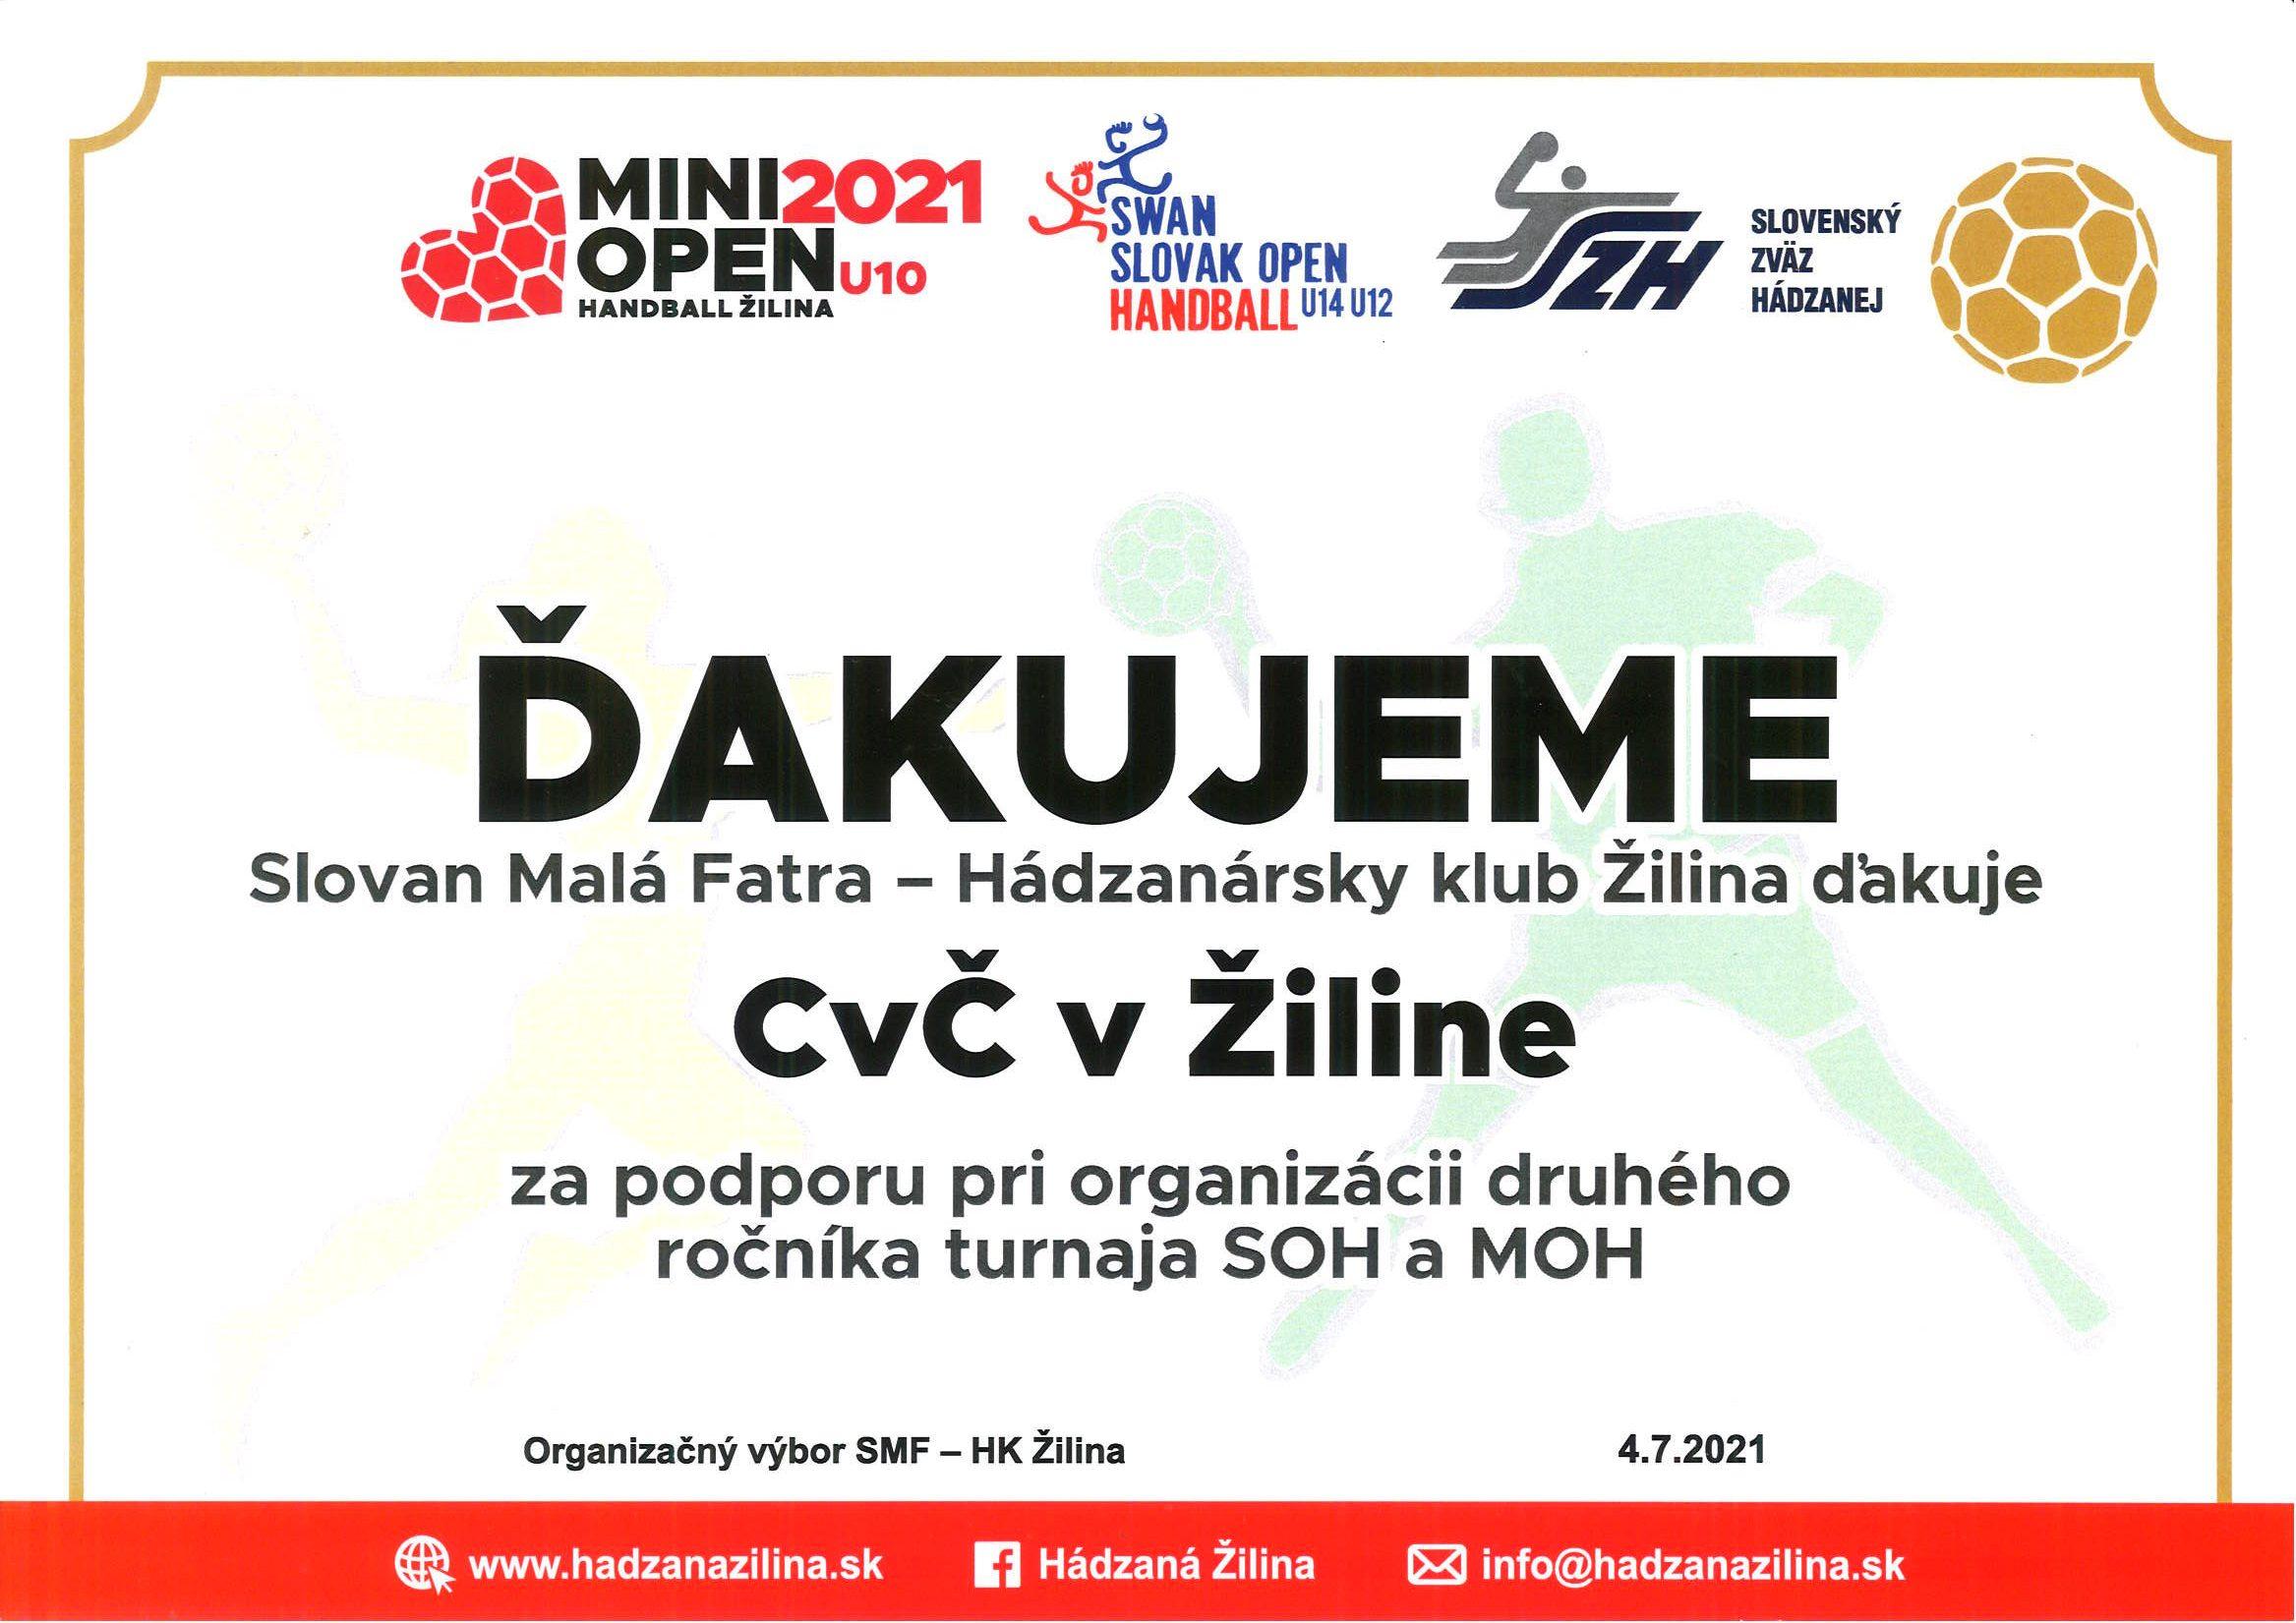 SMF- HK Žilina